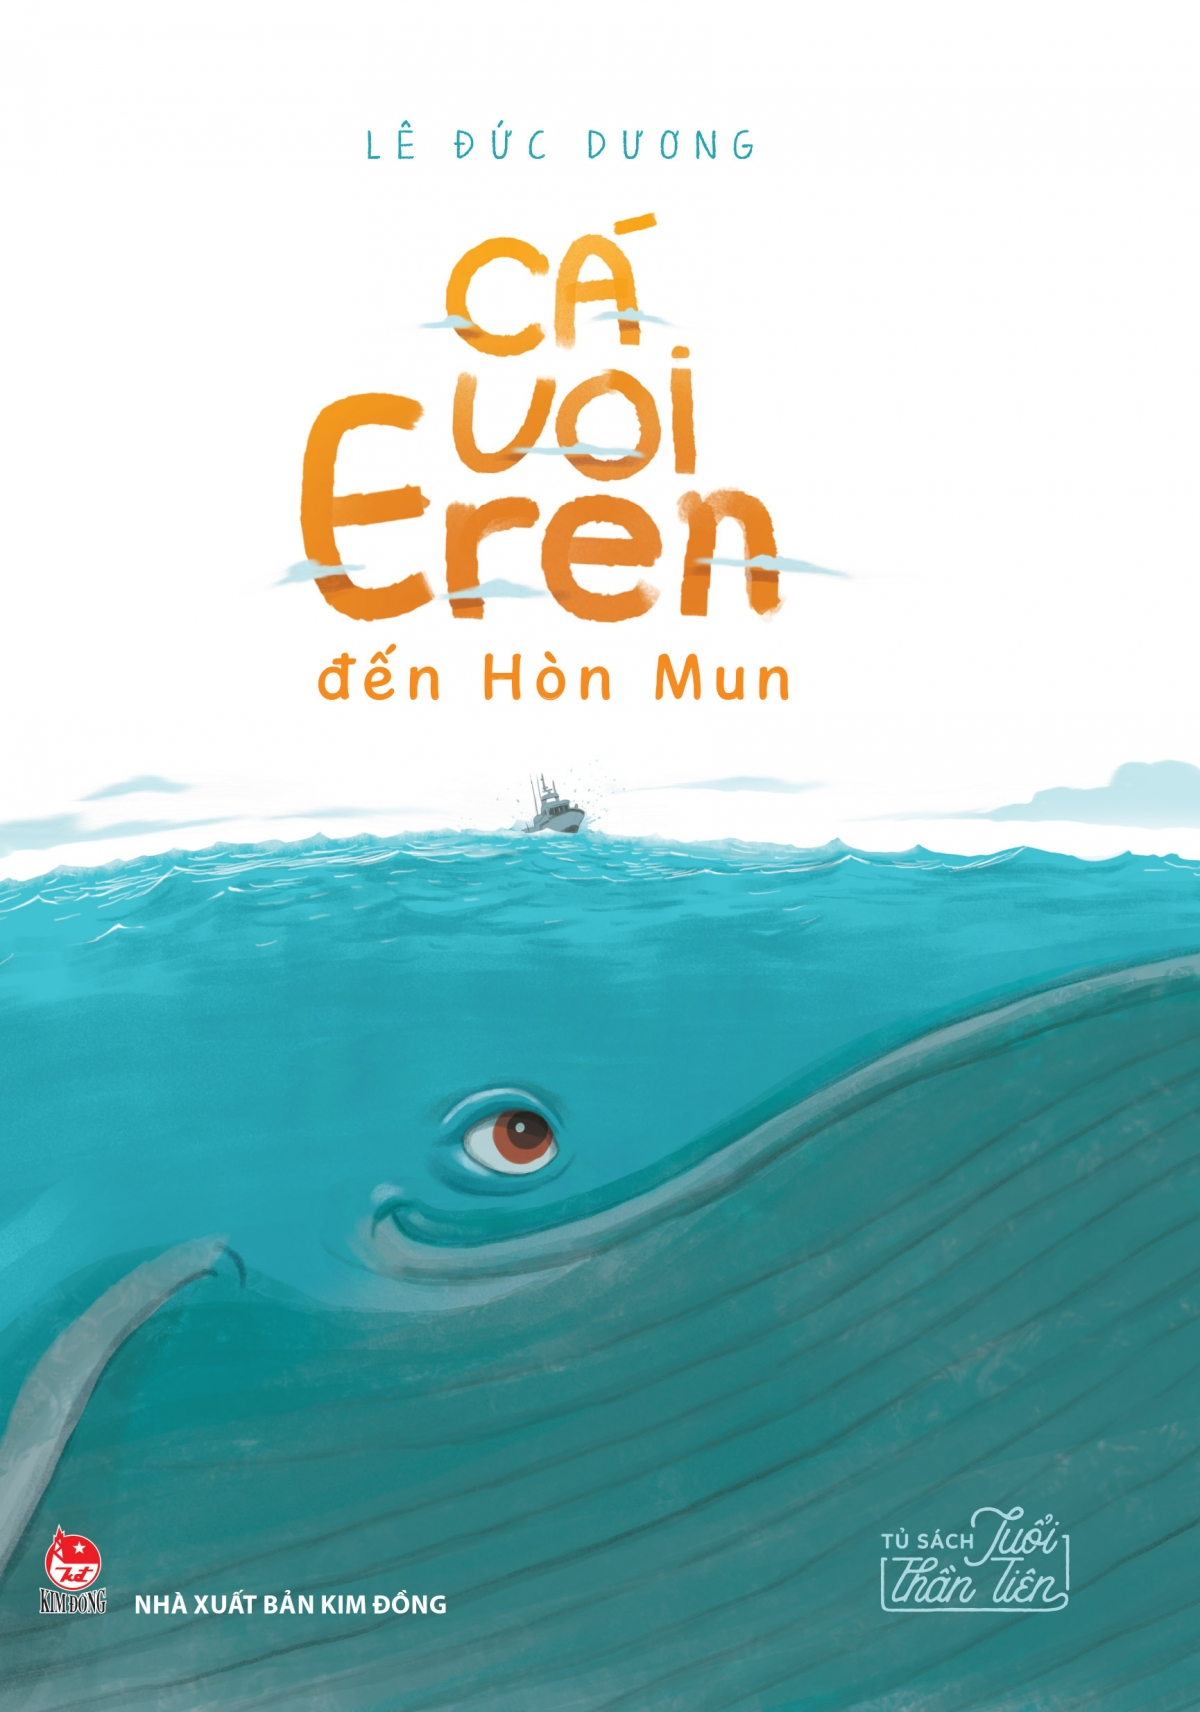 """Truyện dài""""Cá voi Eren đến Hòn Mun""""."""